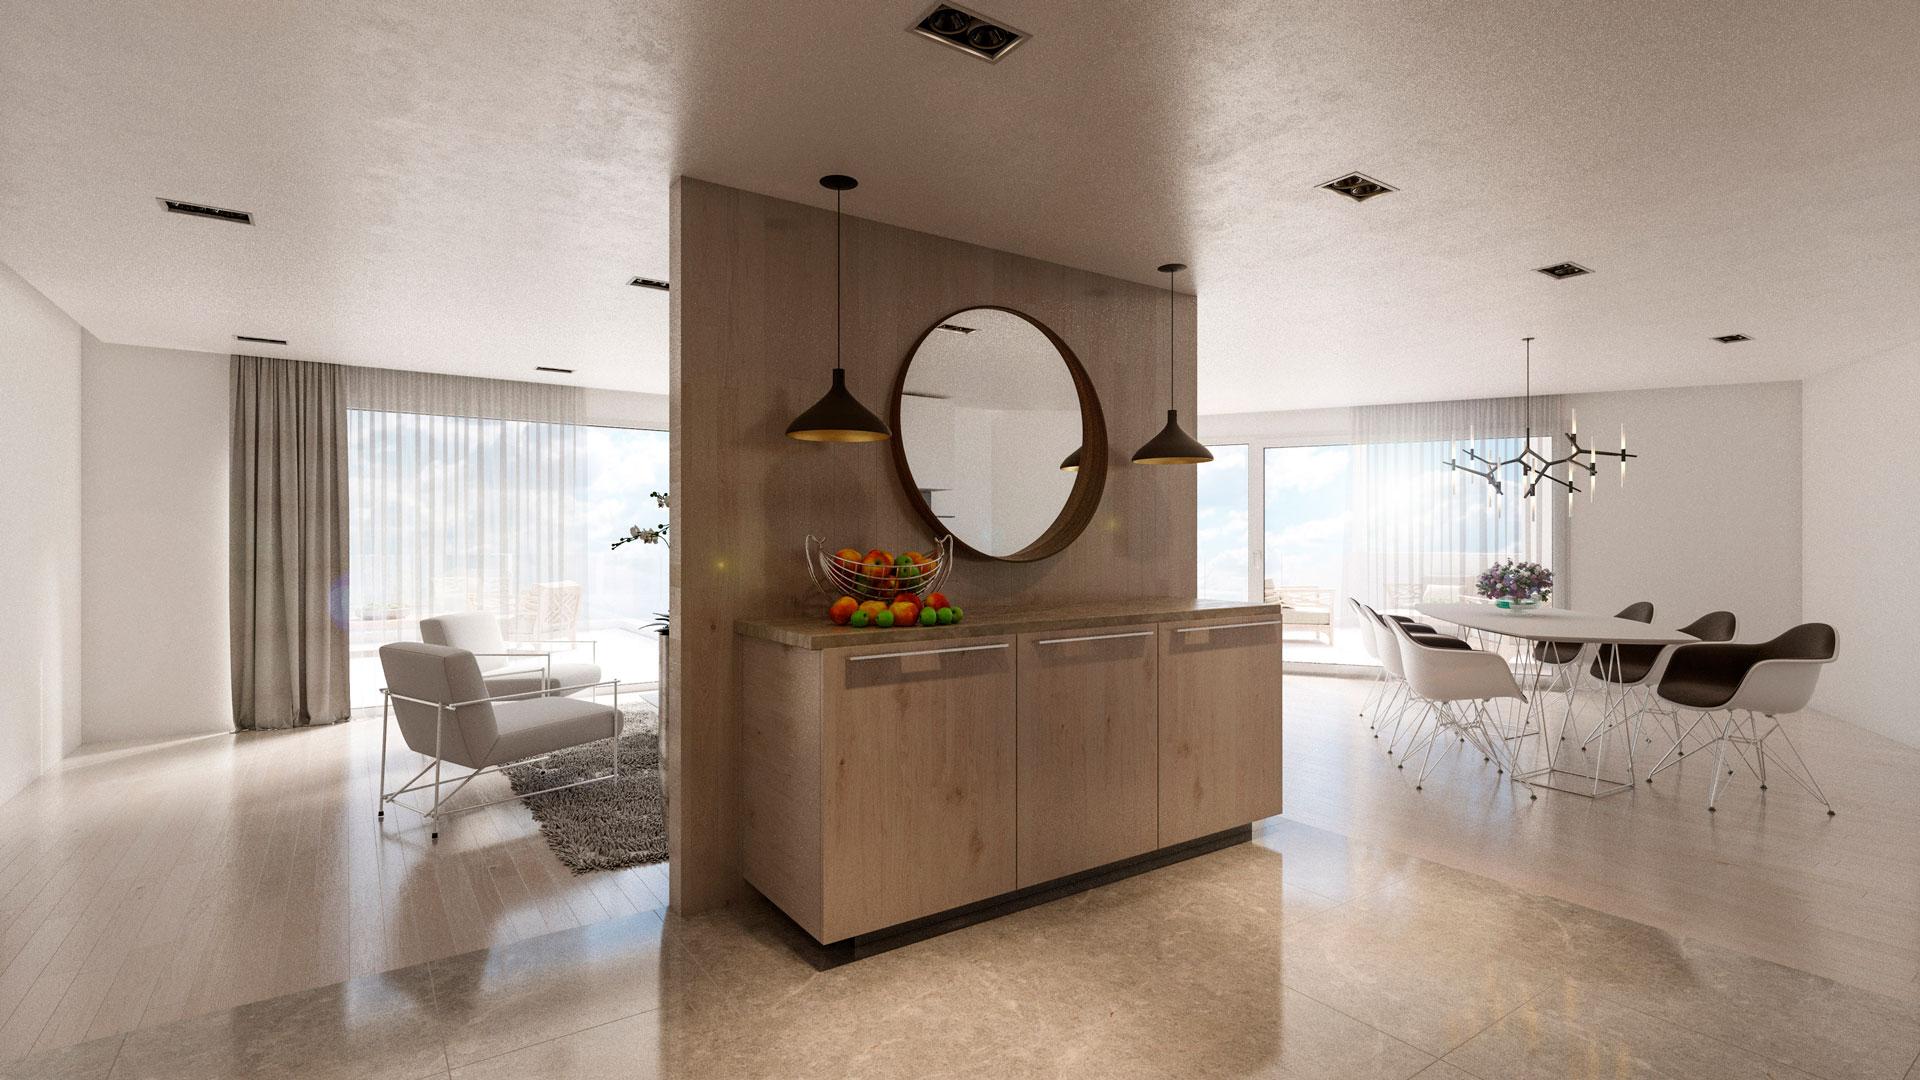 C3 Concept, visualisation 3D architecture à Bulle. Villeneuve intérieur